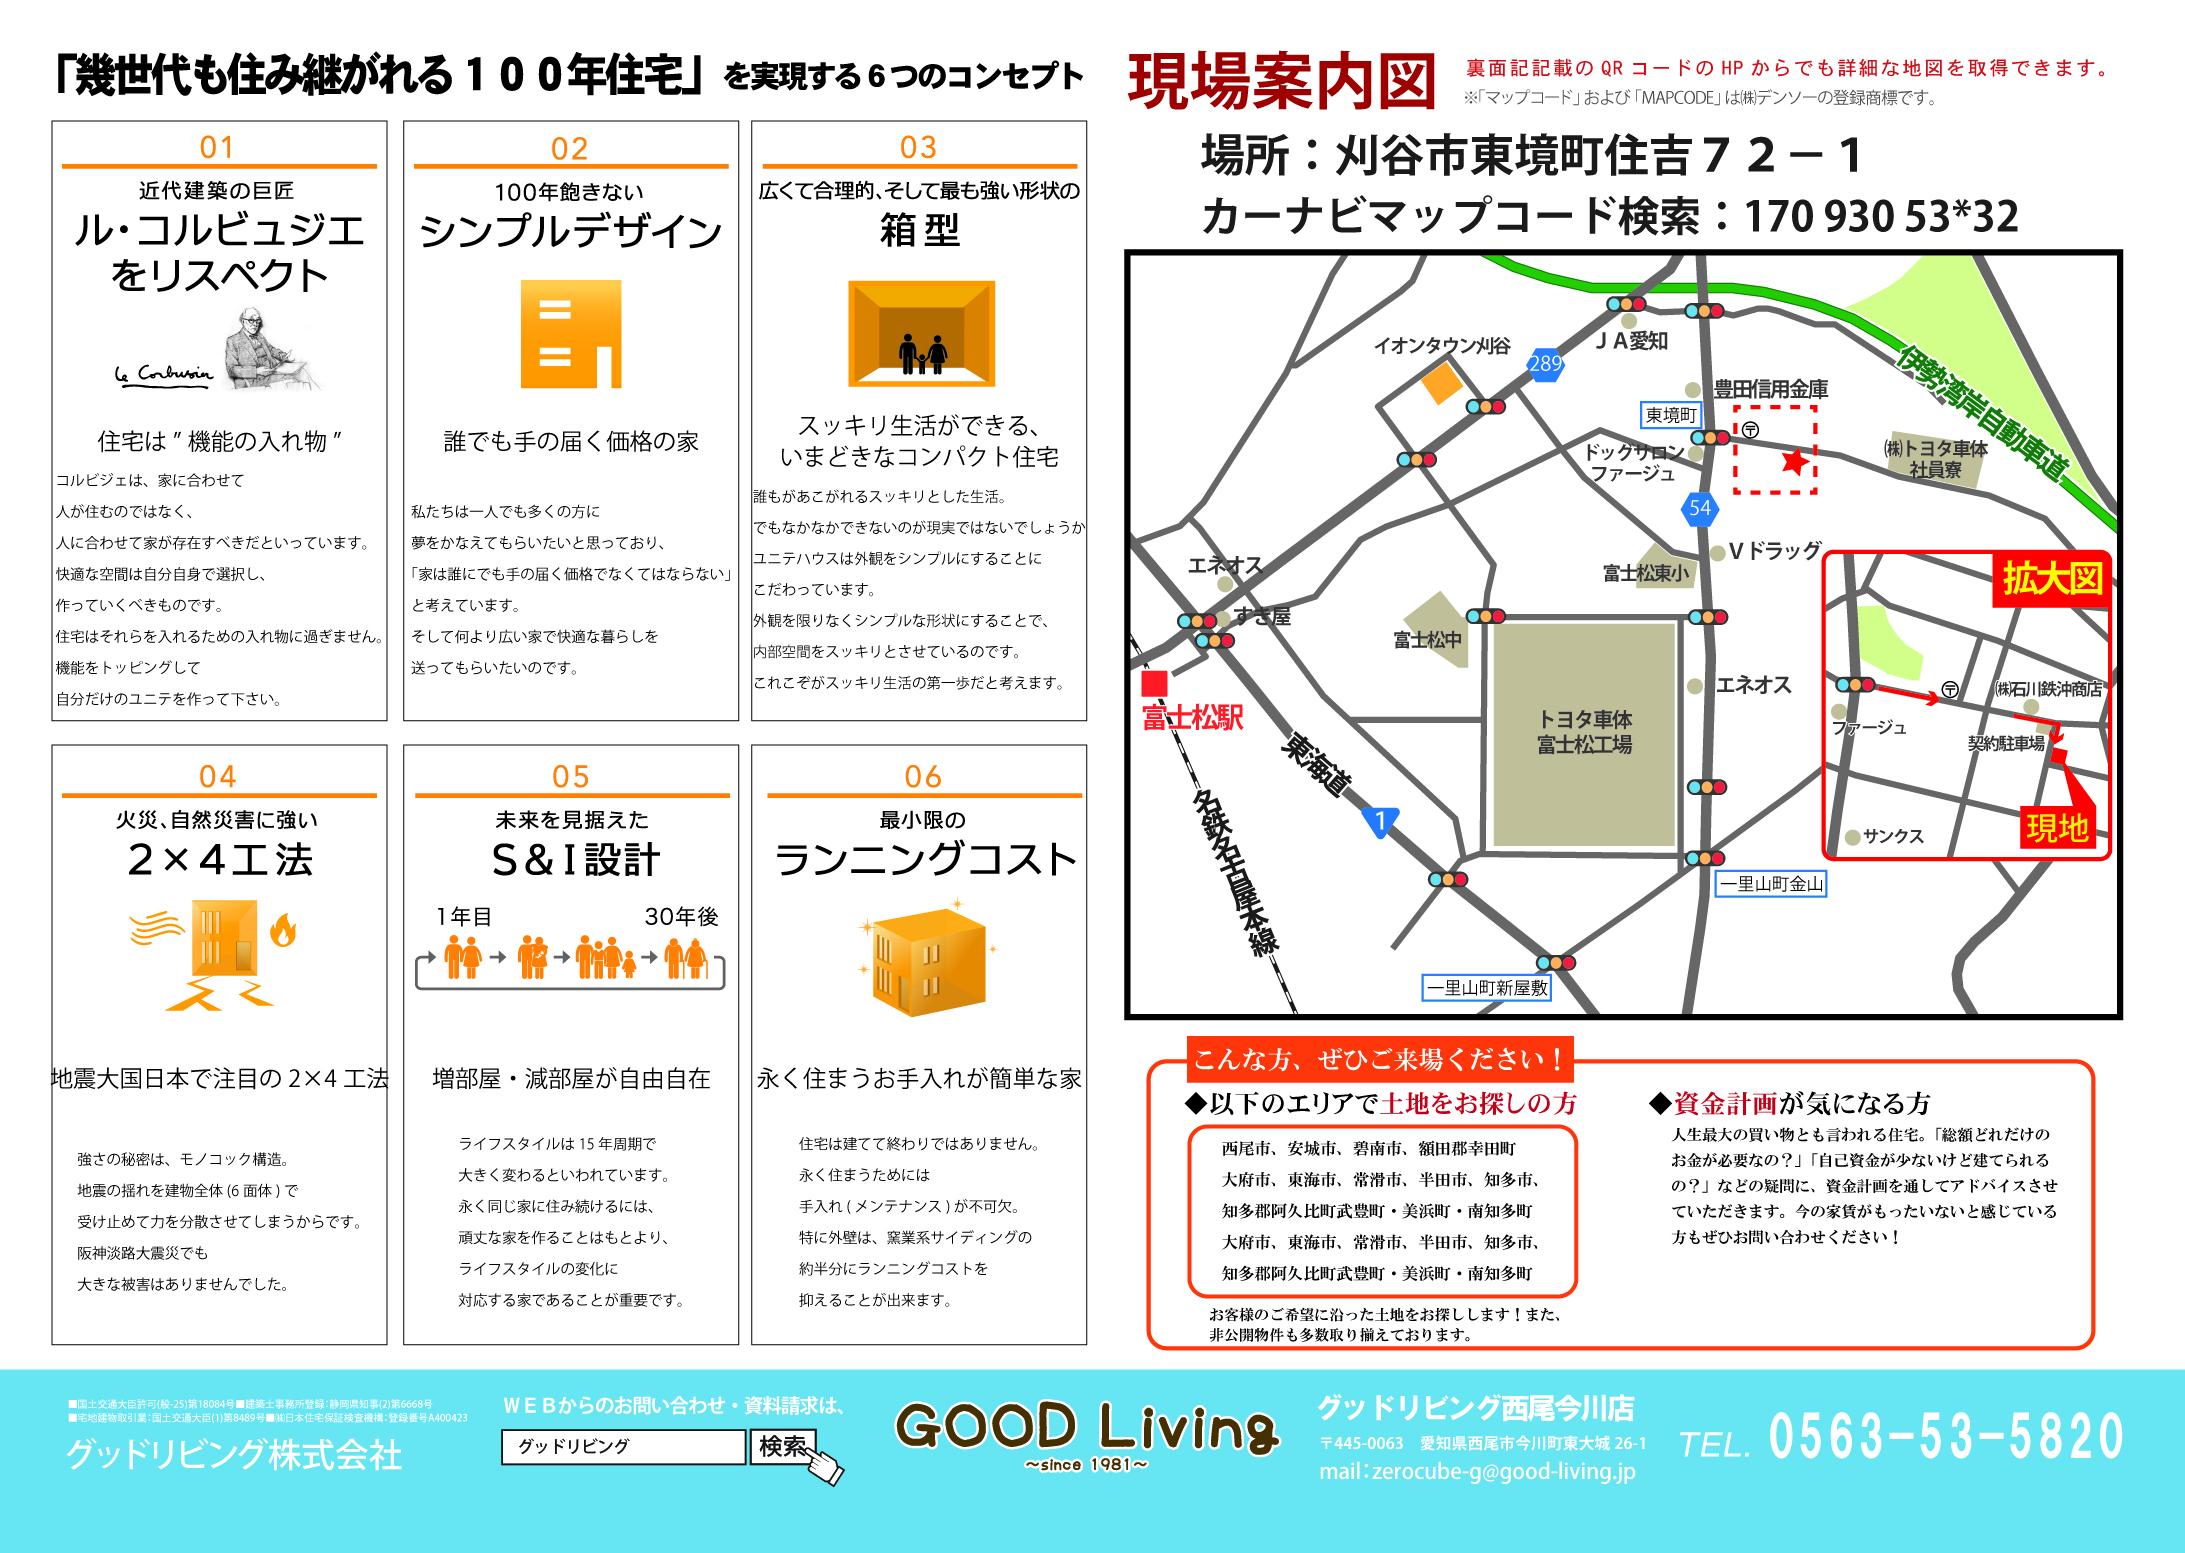 151120_西尾店ユニテ完成見学会-01.jpg